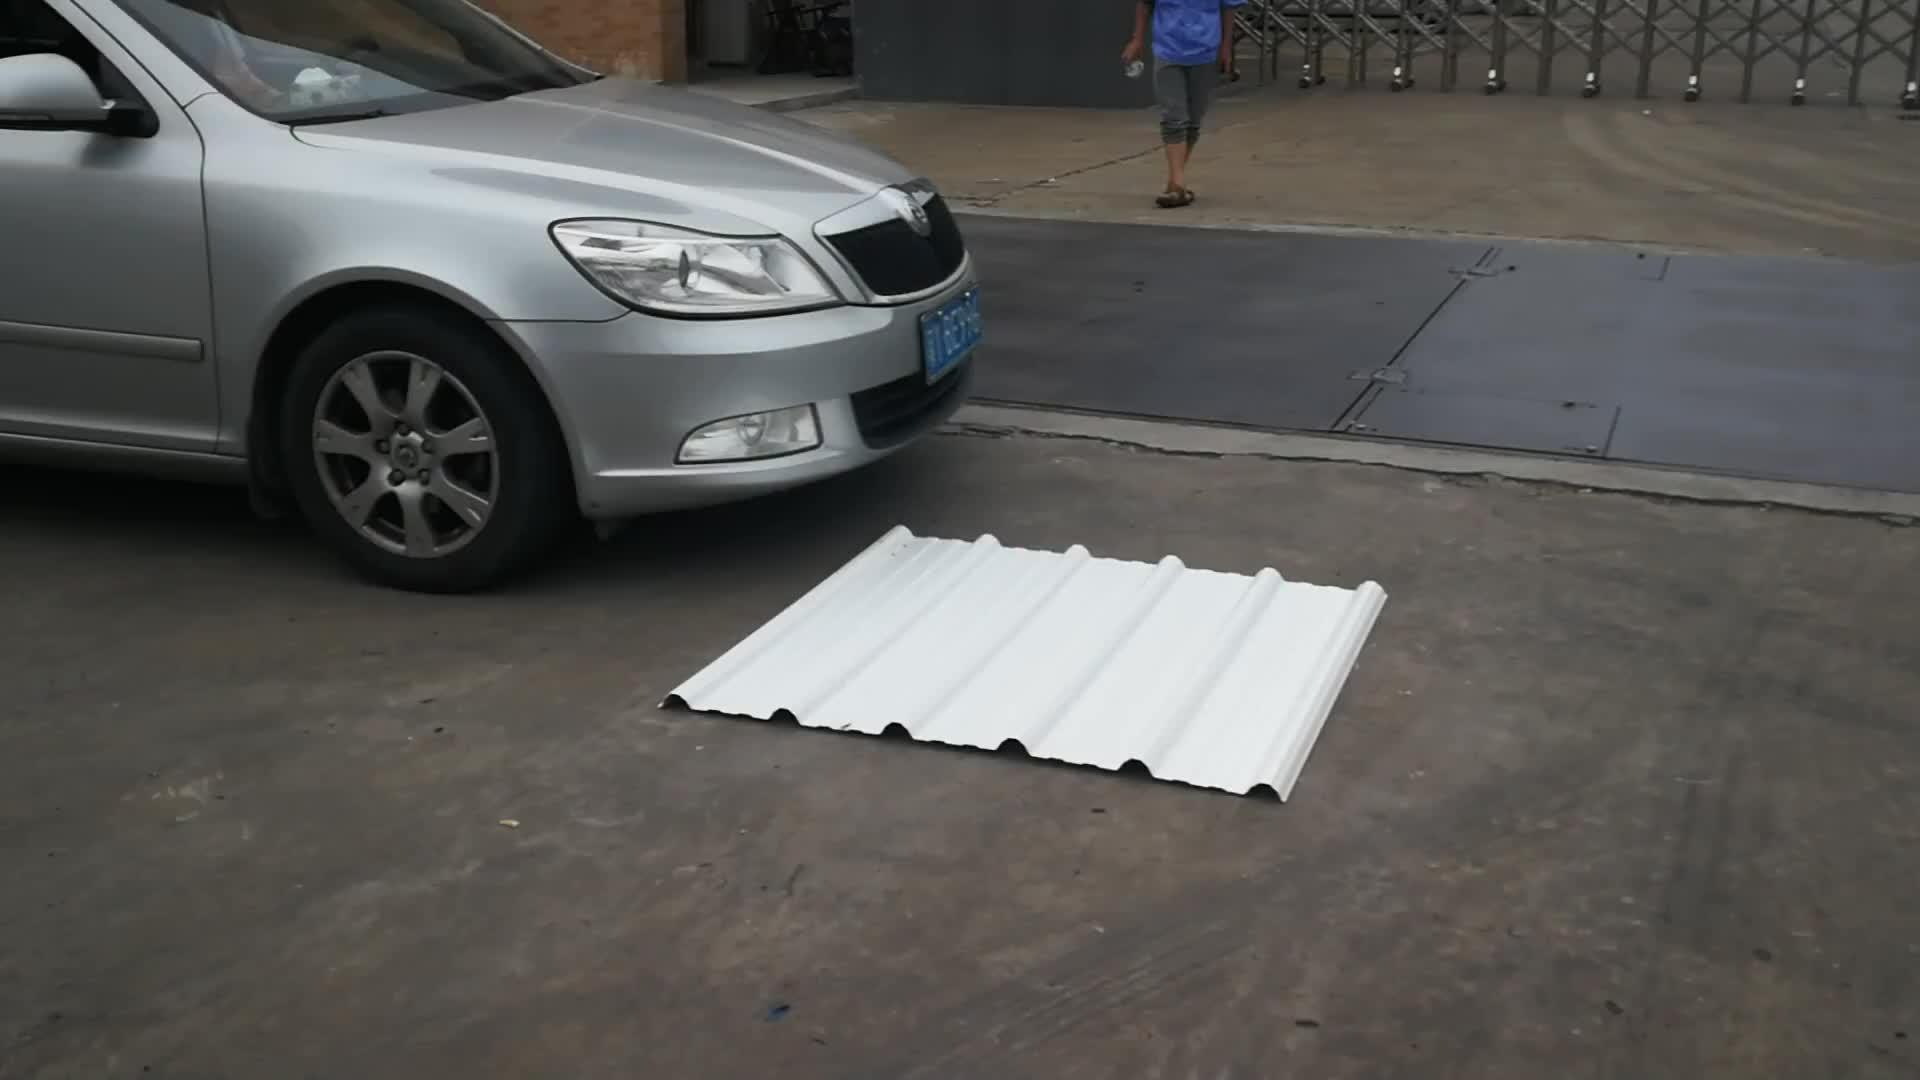 Asa rivestito upvc tegole ondulato di plastica isolato in pvc leggero pvc tetto di plastica